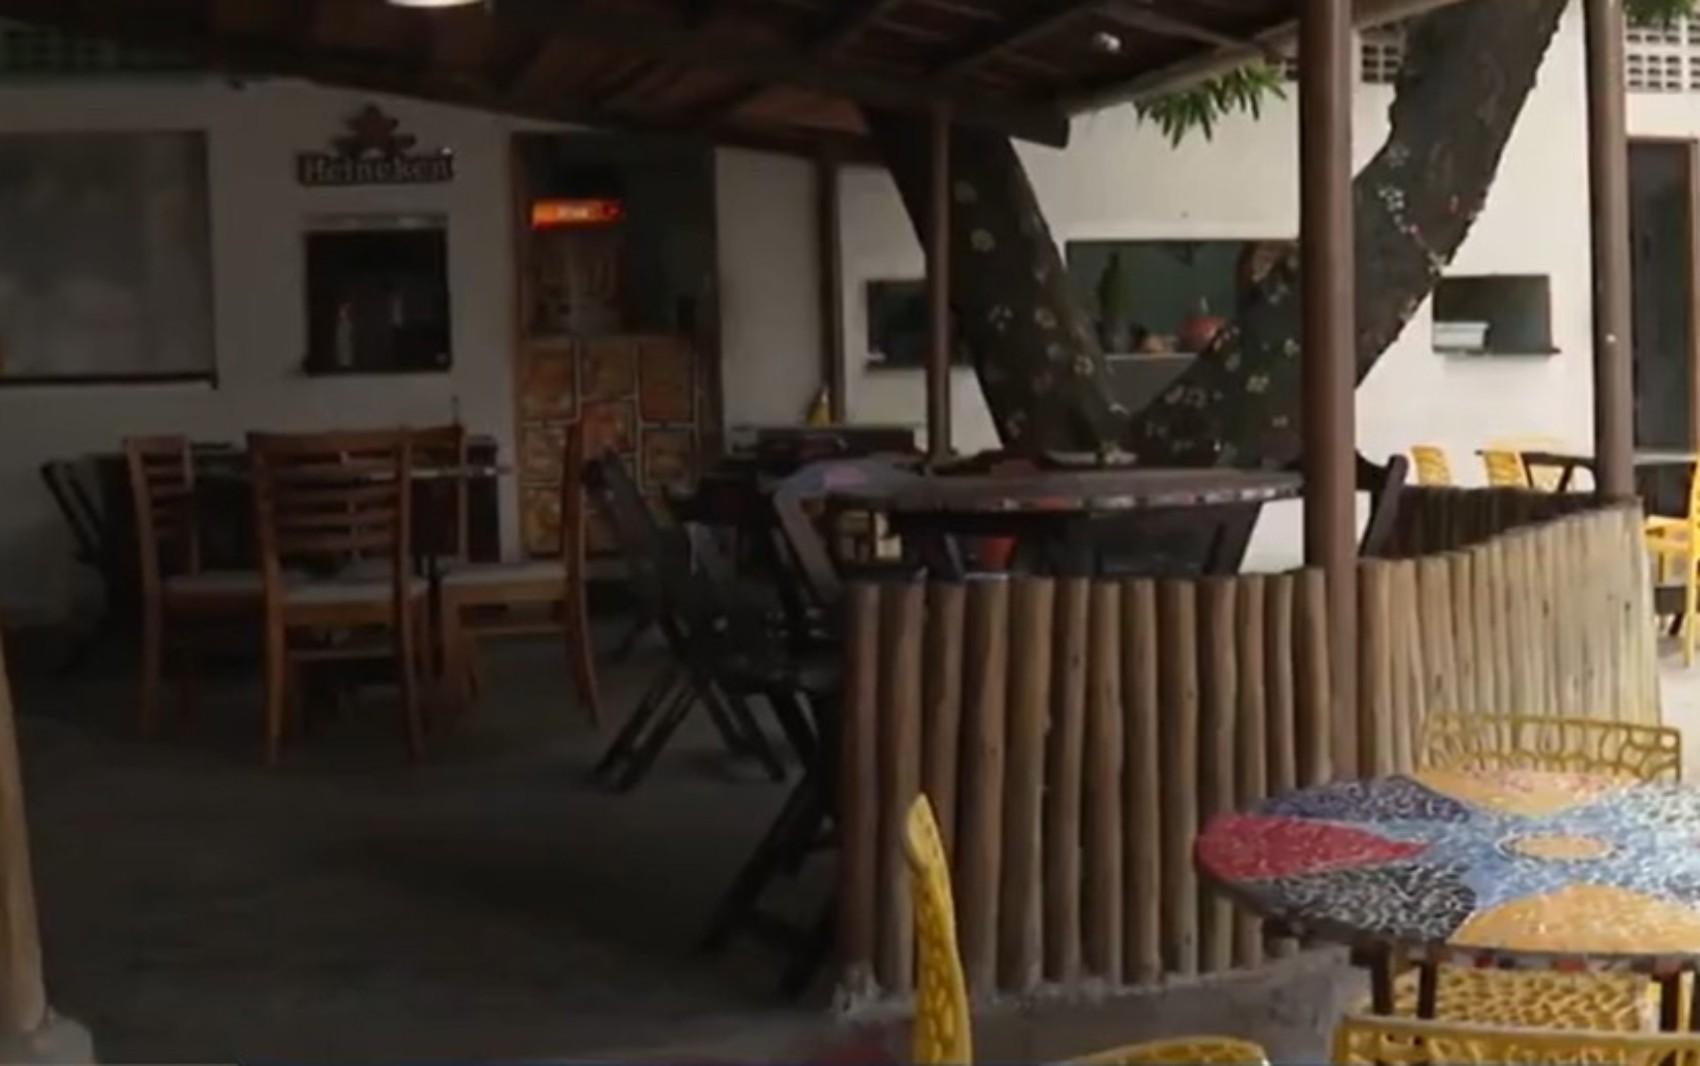 Comerciante tem prejuízo de mais de R$ 12 mil após arrombamentos frequentes em bar no bairro do Campo Grande, em Salvador